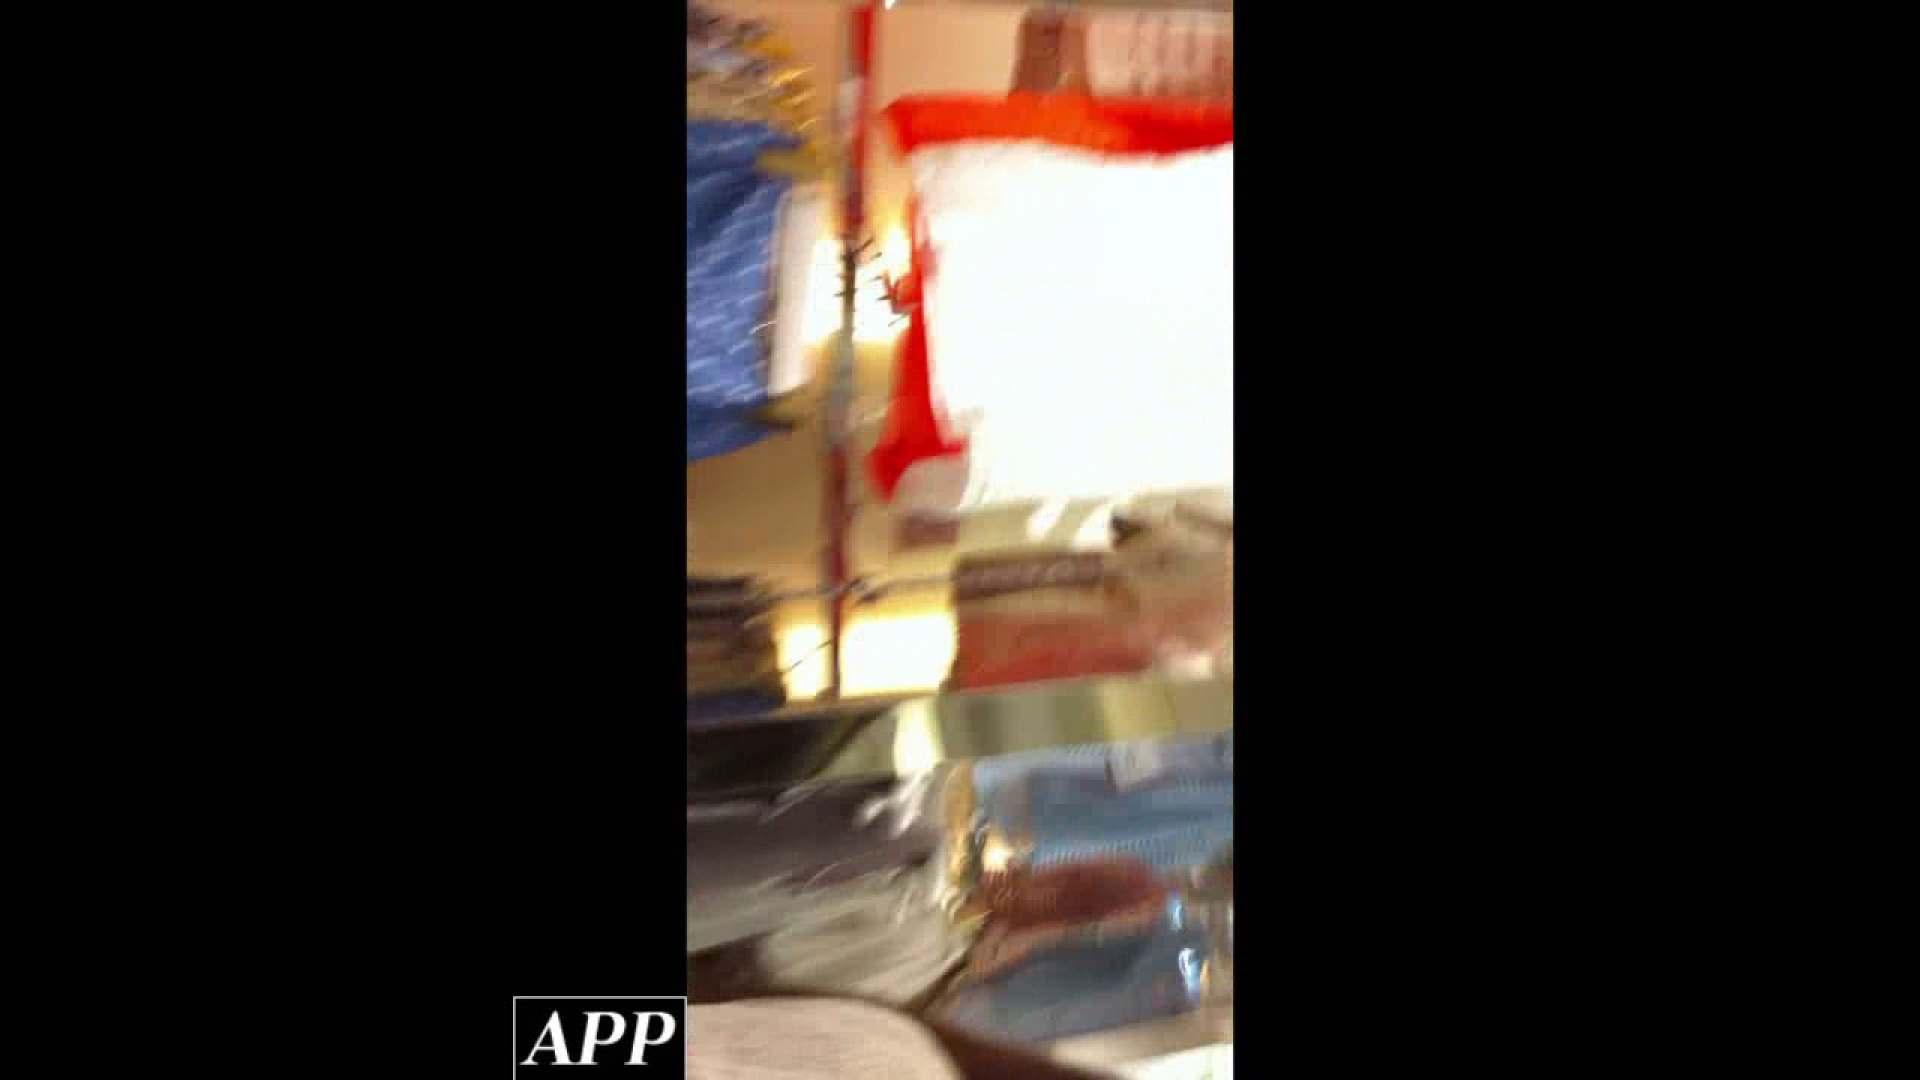 ハイビジョン盗撮!ショップ店員千人斬り!胸チラ編 vol.81 OLエロ画像 盗撮おまんこ無修正動画無料 90PICs 80